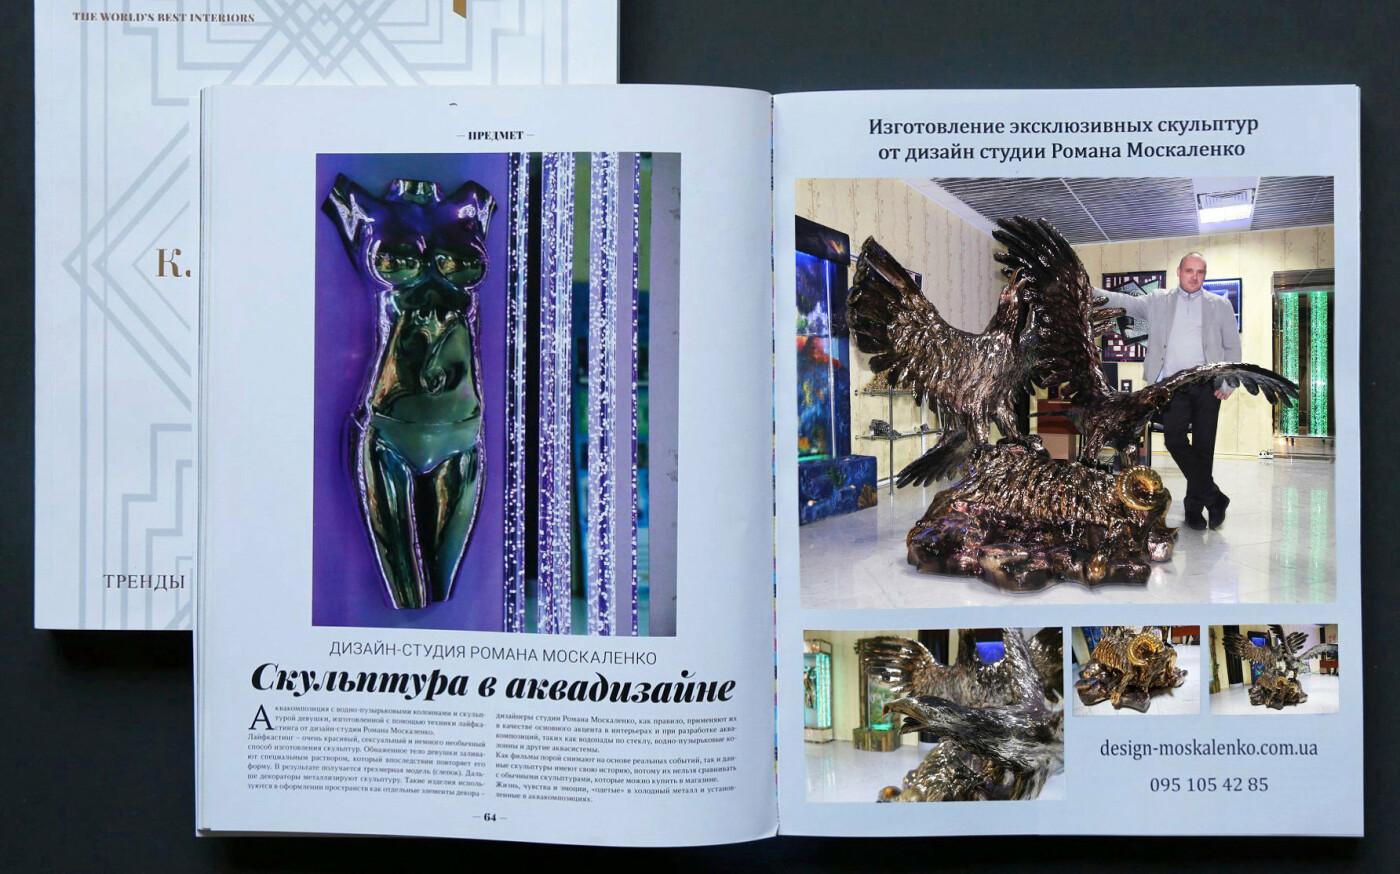 Заказать скульптуру, Дизайн-студия Романа Москаленко